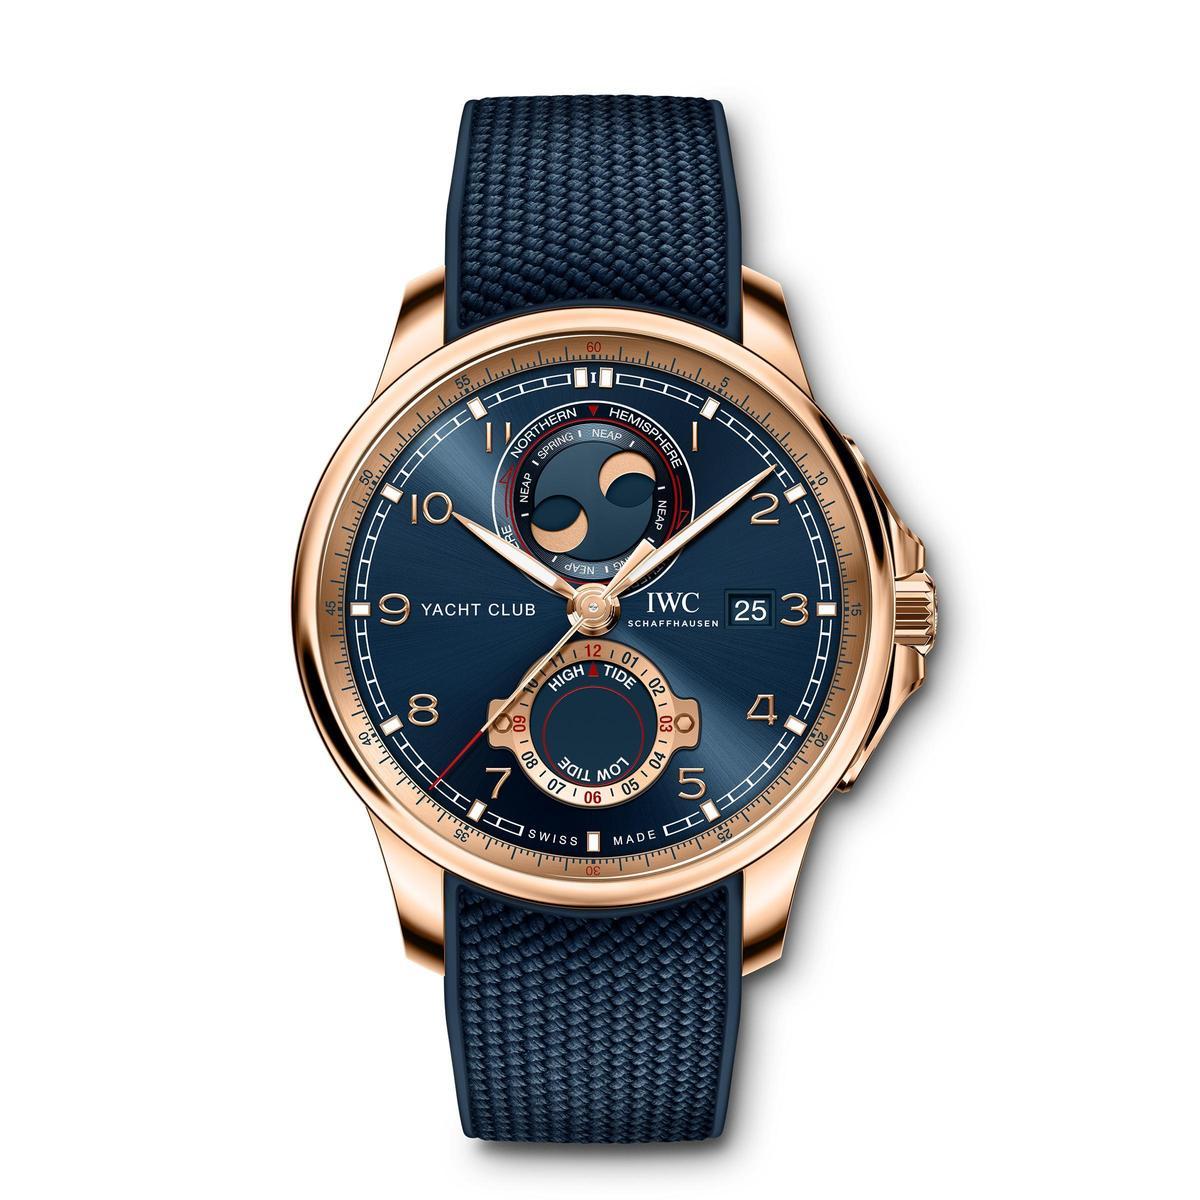 葡萄牙航海精英腕錶全新雙月相與潮汐顯示功能,這也是IWC首度推出的功能,定價NT$1,086,000。